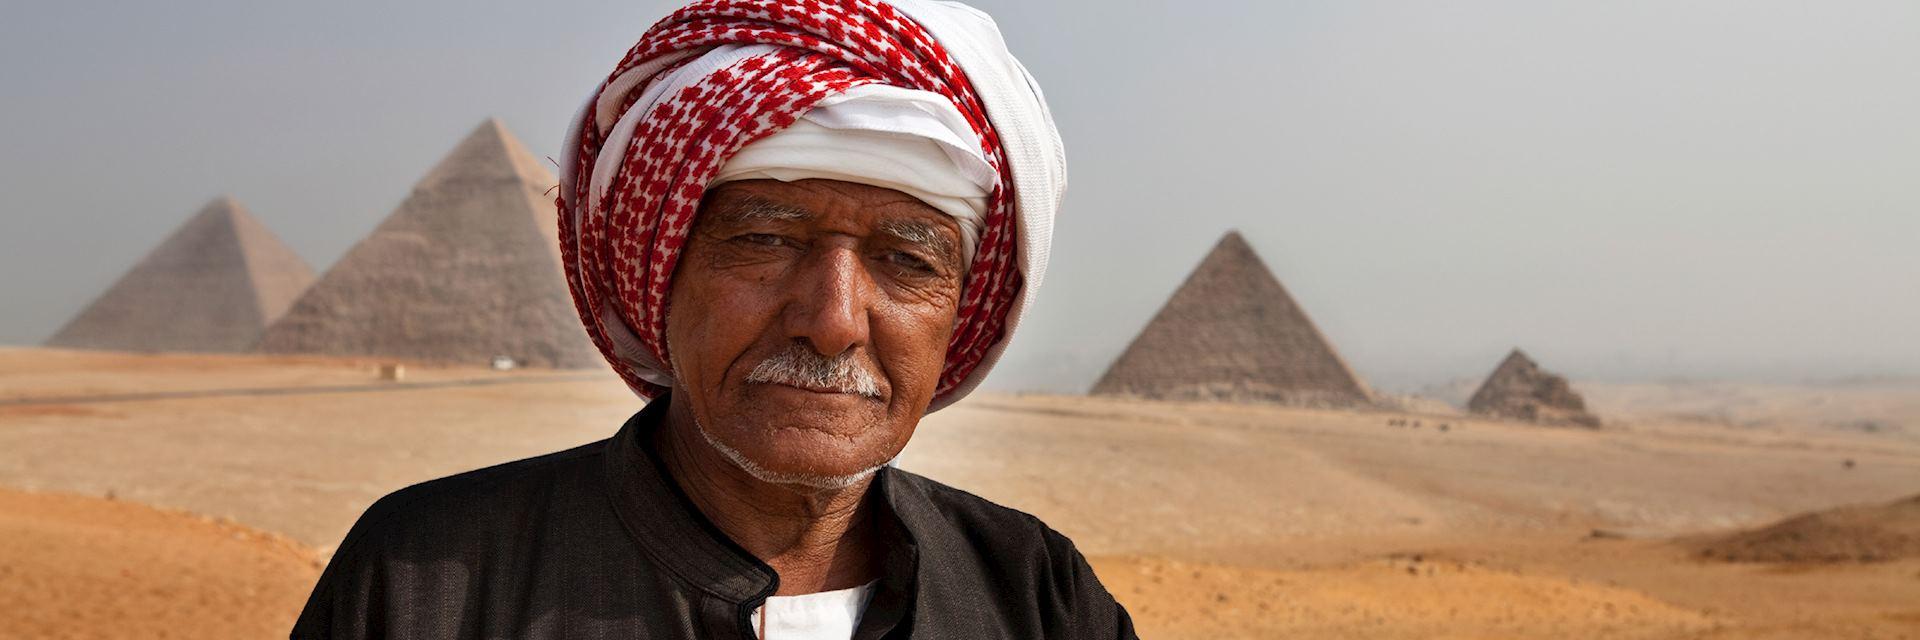 Bedouin at Giza